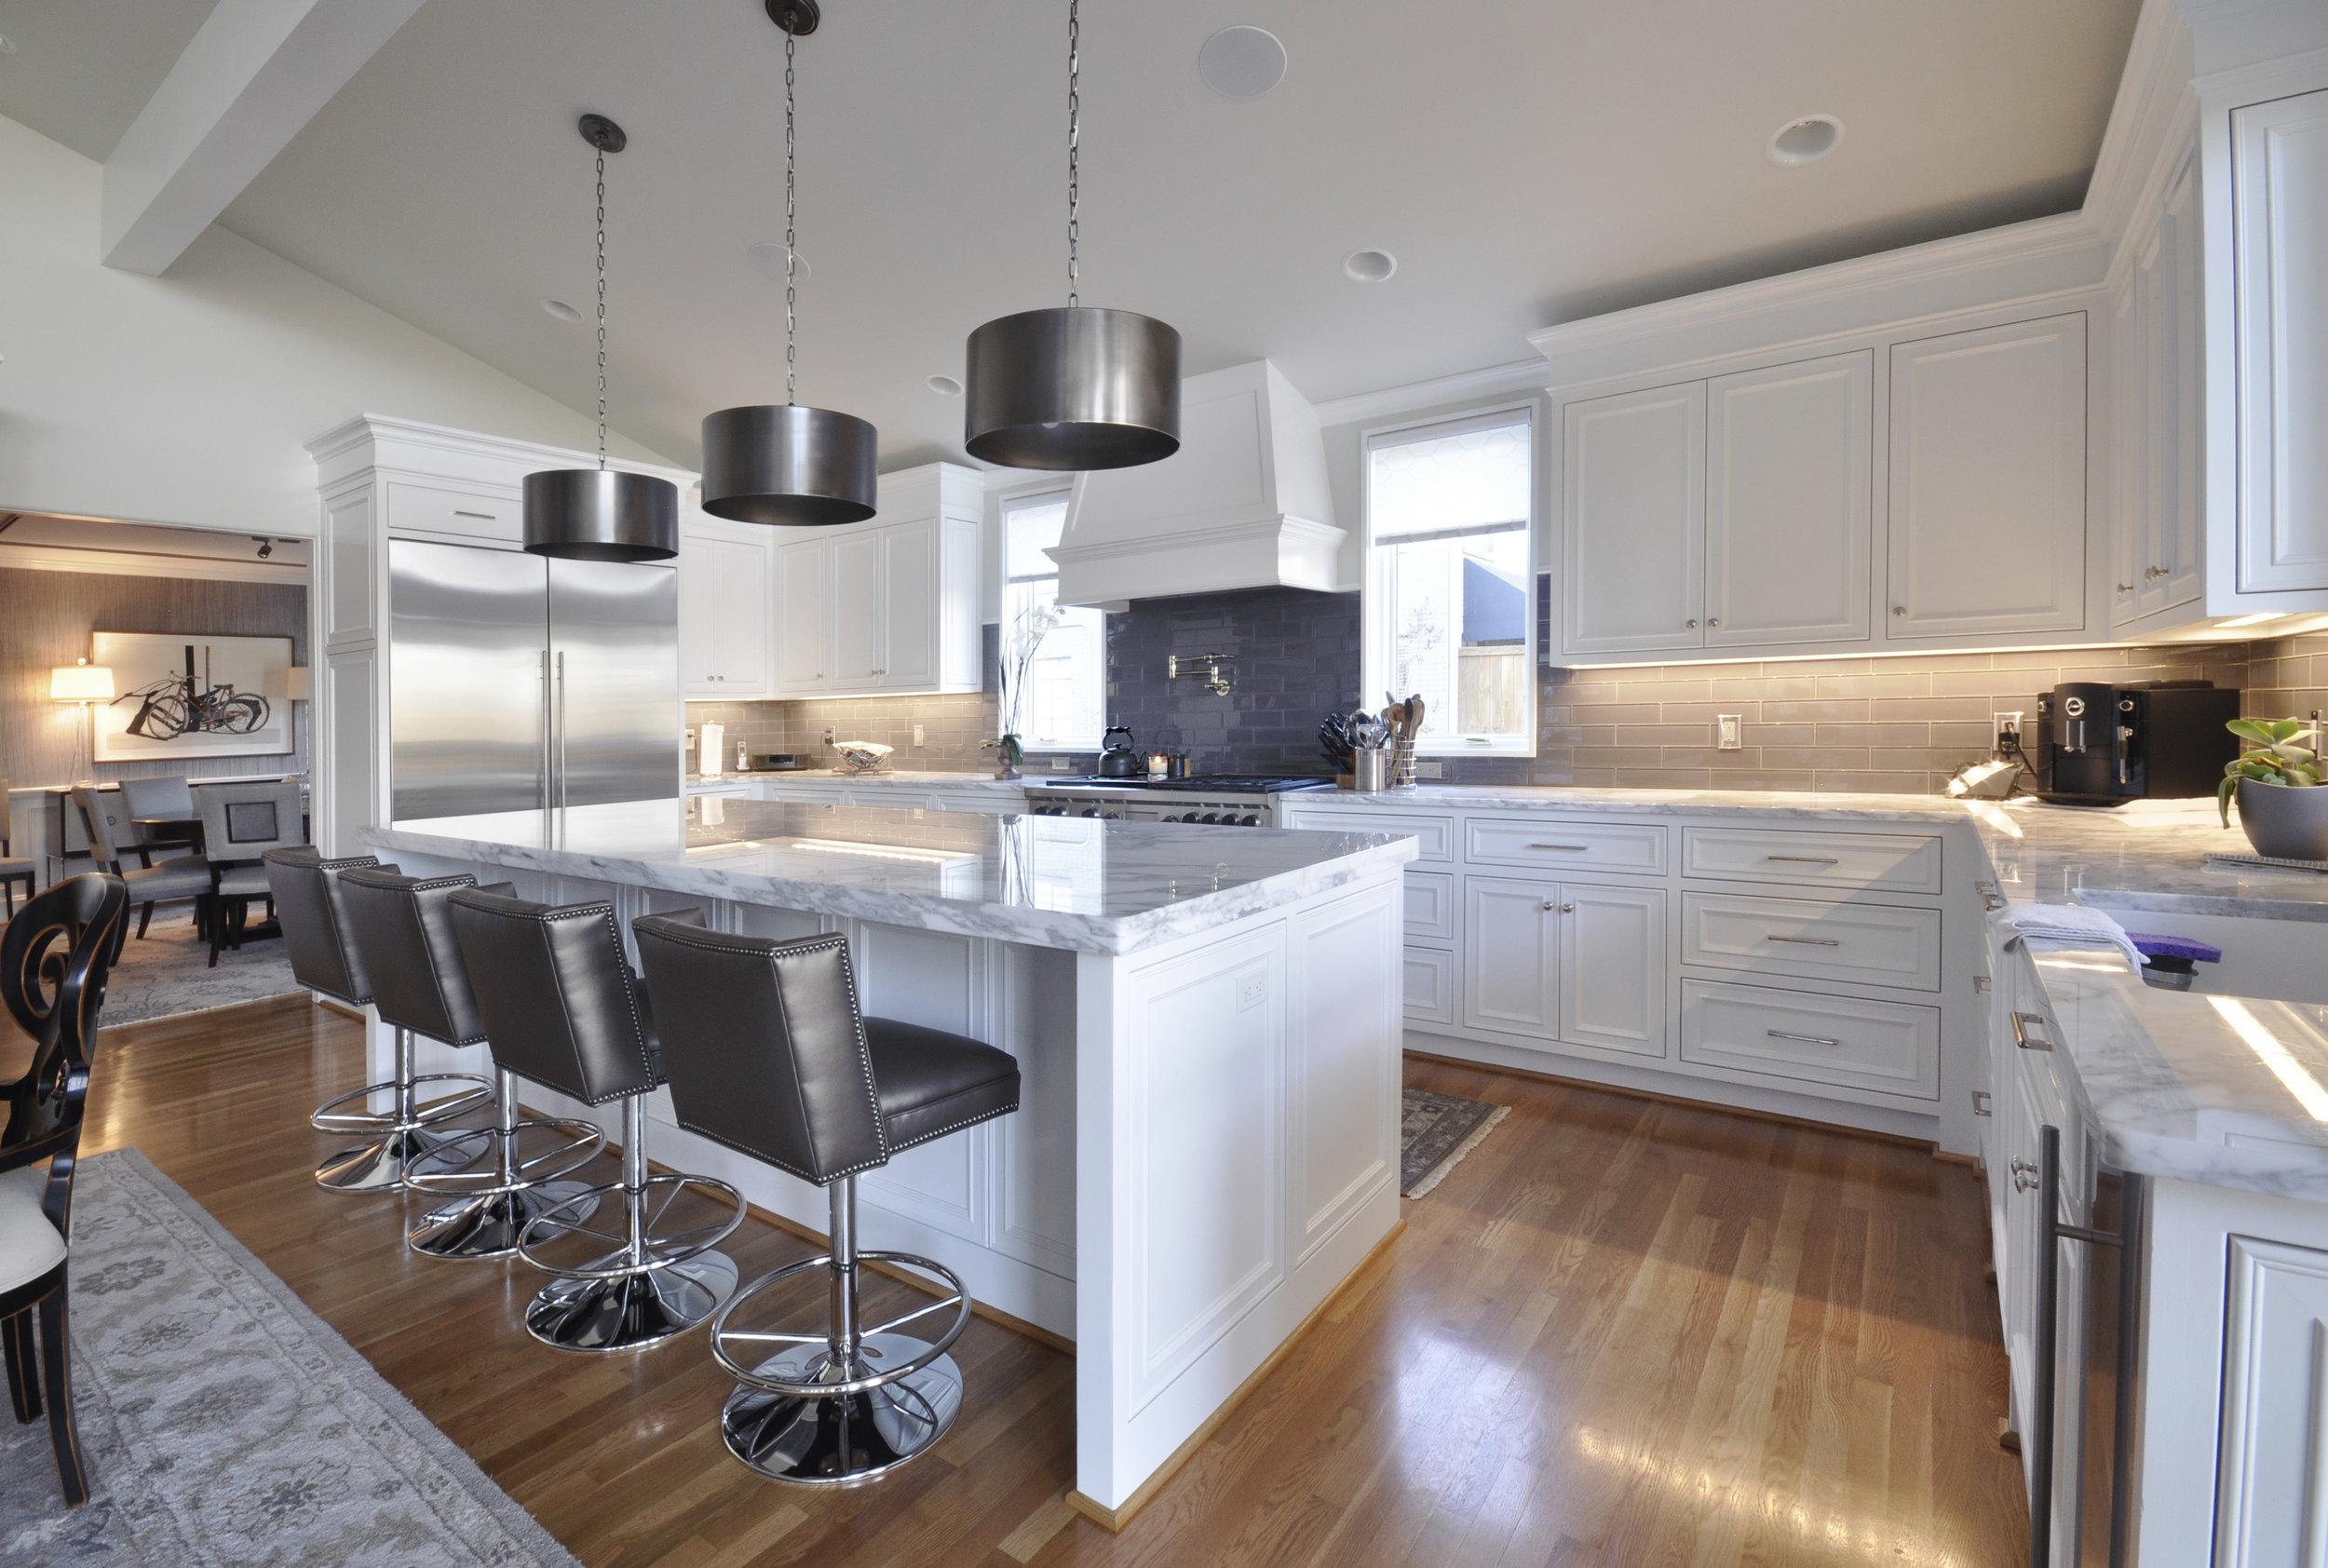 1 Bowden_kitchen.jpg